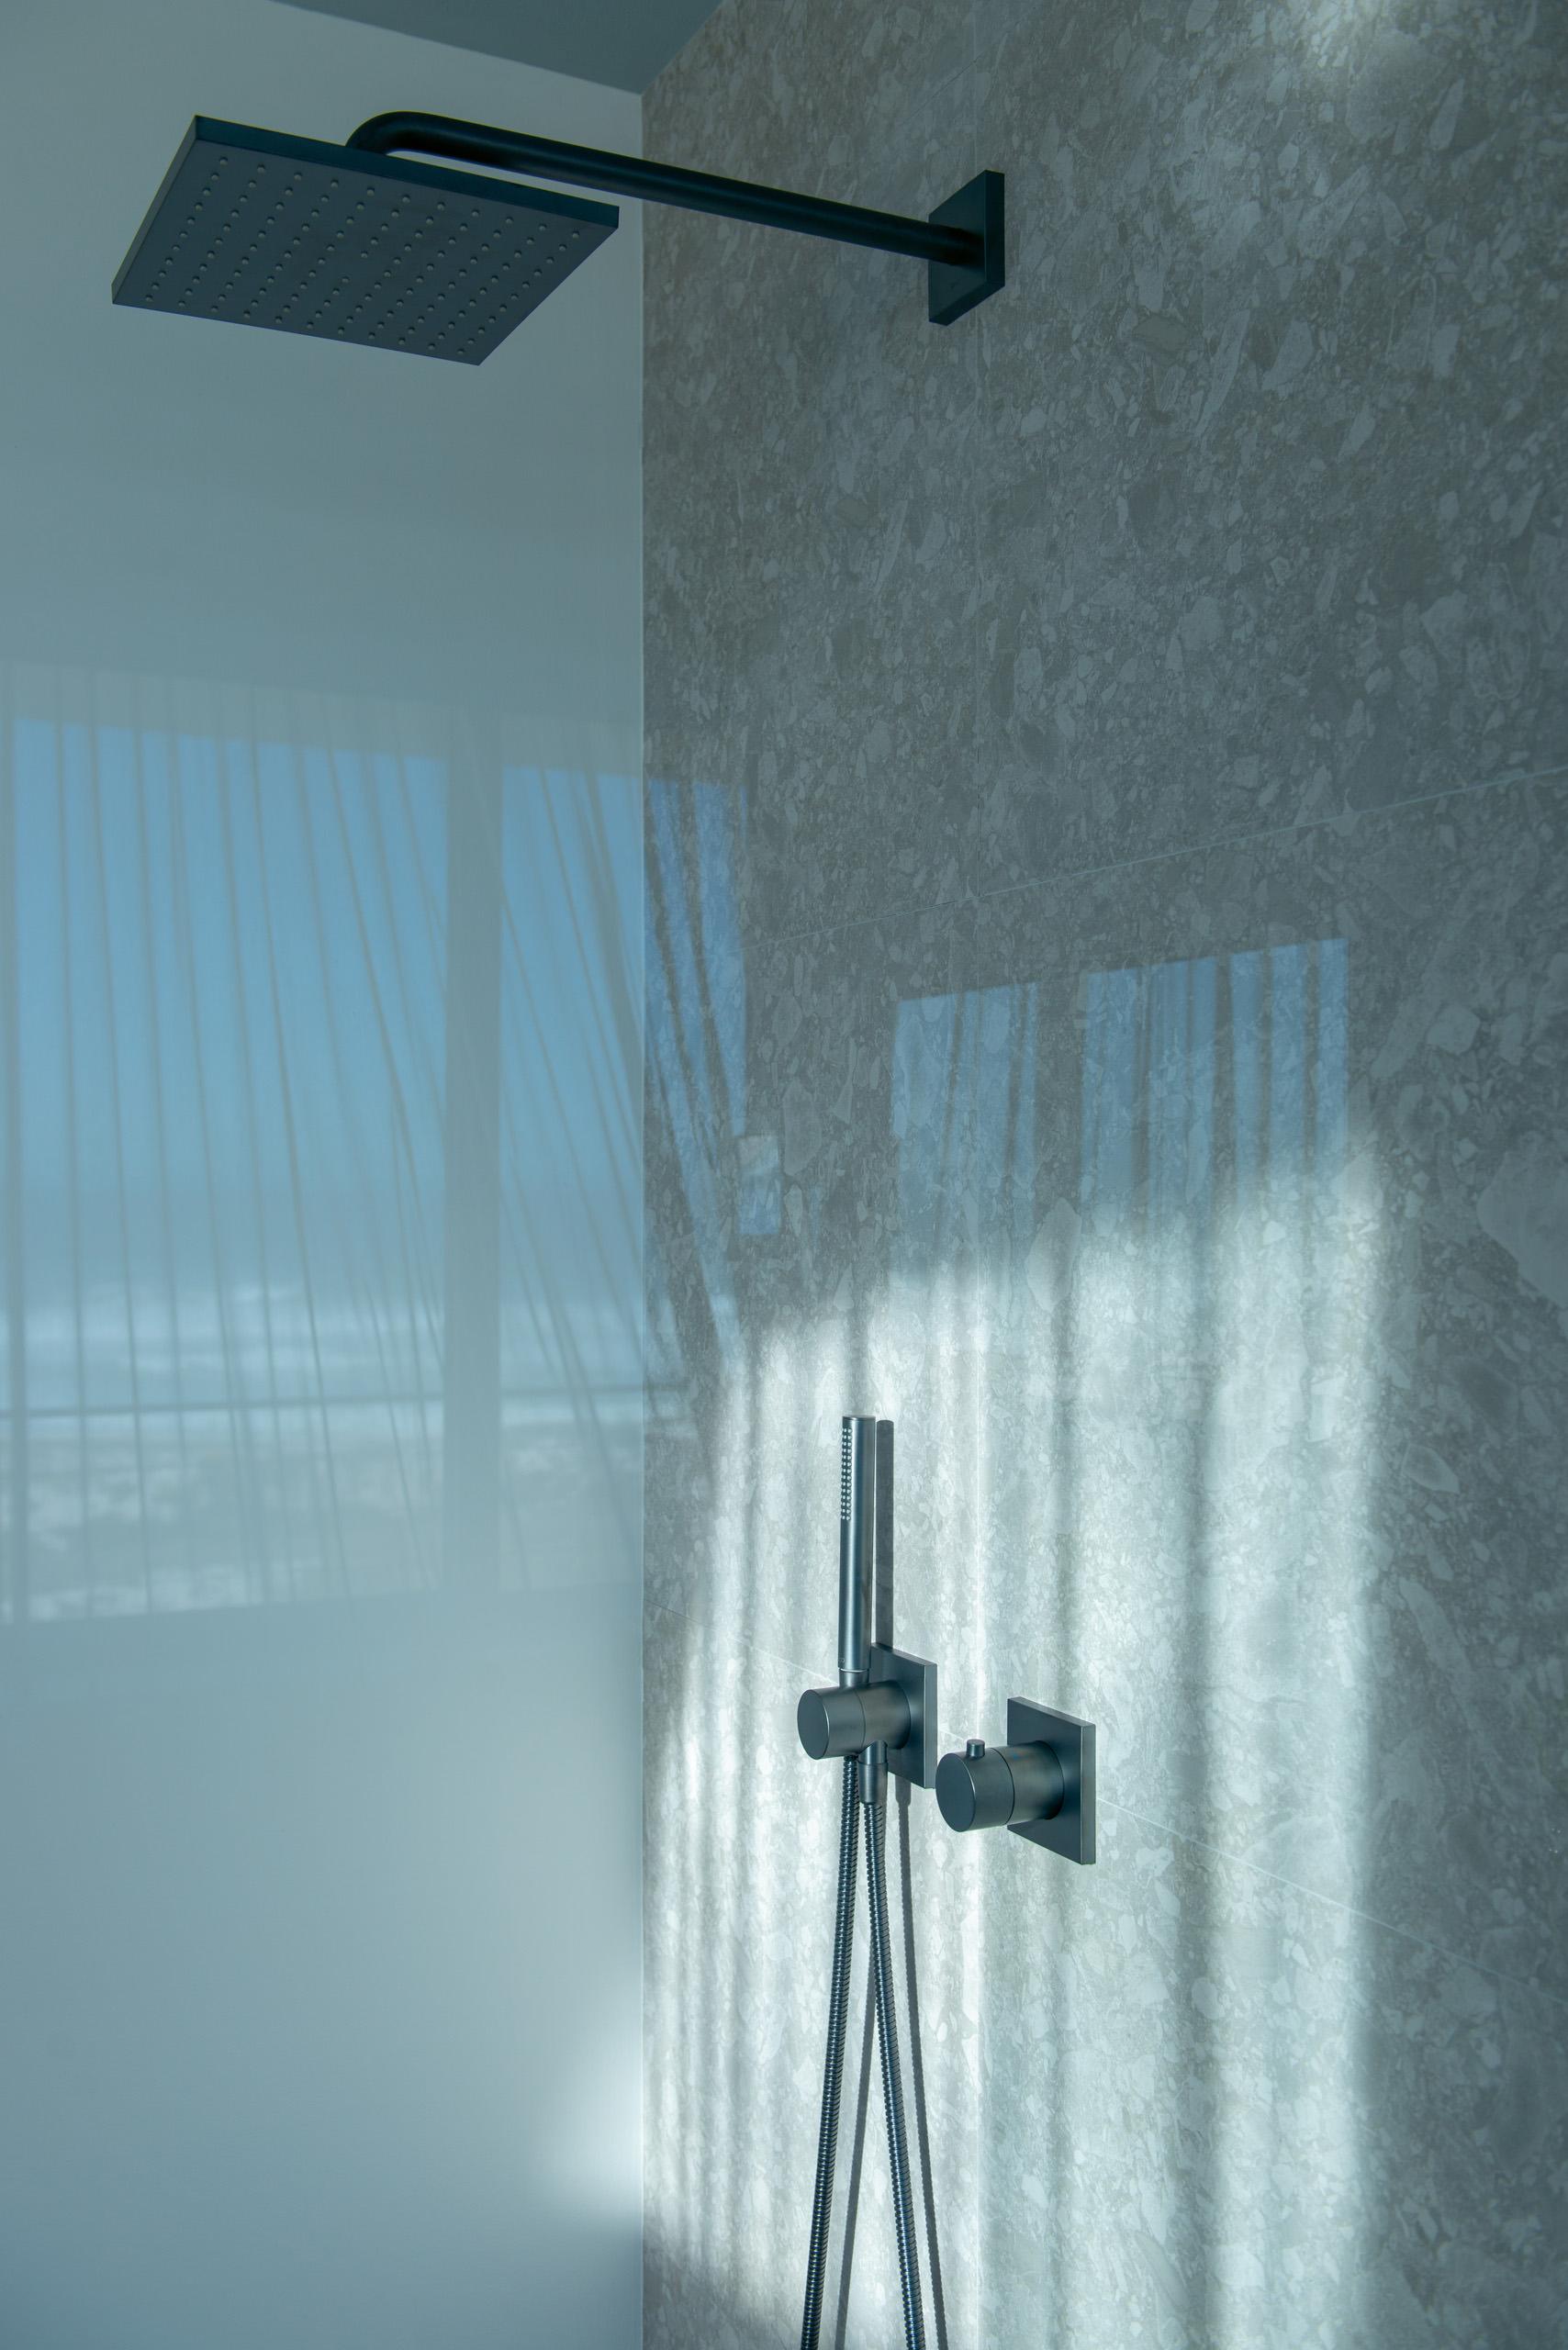 Geradliniges zurückhaltendes Design multipliziert mit enormem Variantenreichtum – von grifflosen Badmöbeln bis zu innovativen Spiegelschränken, von hochwertigen Armaturen bis zu perfekt verarbeiteten Accessoires: Das ist die EDITION 11